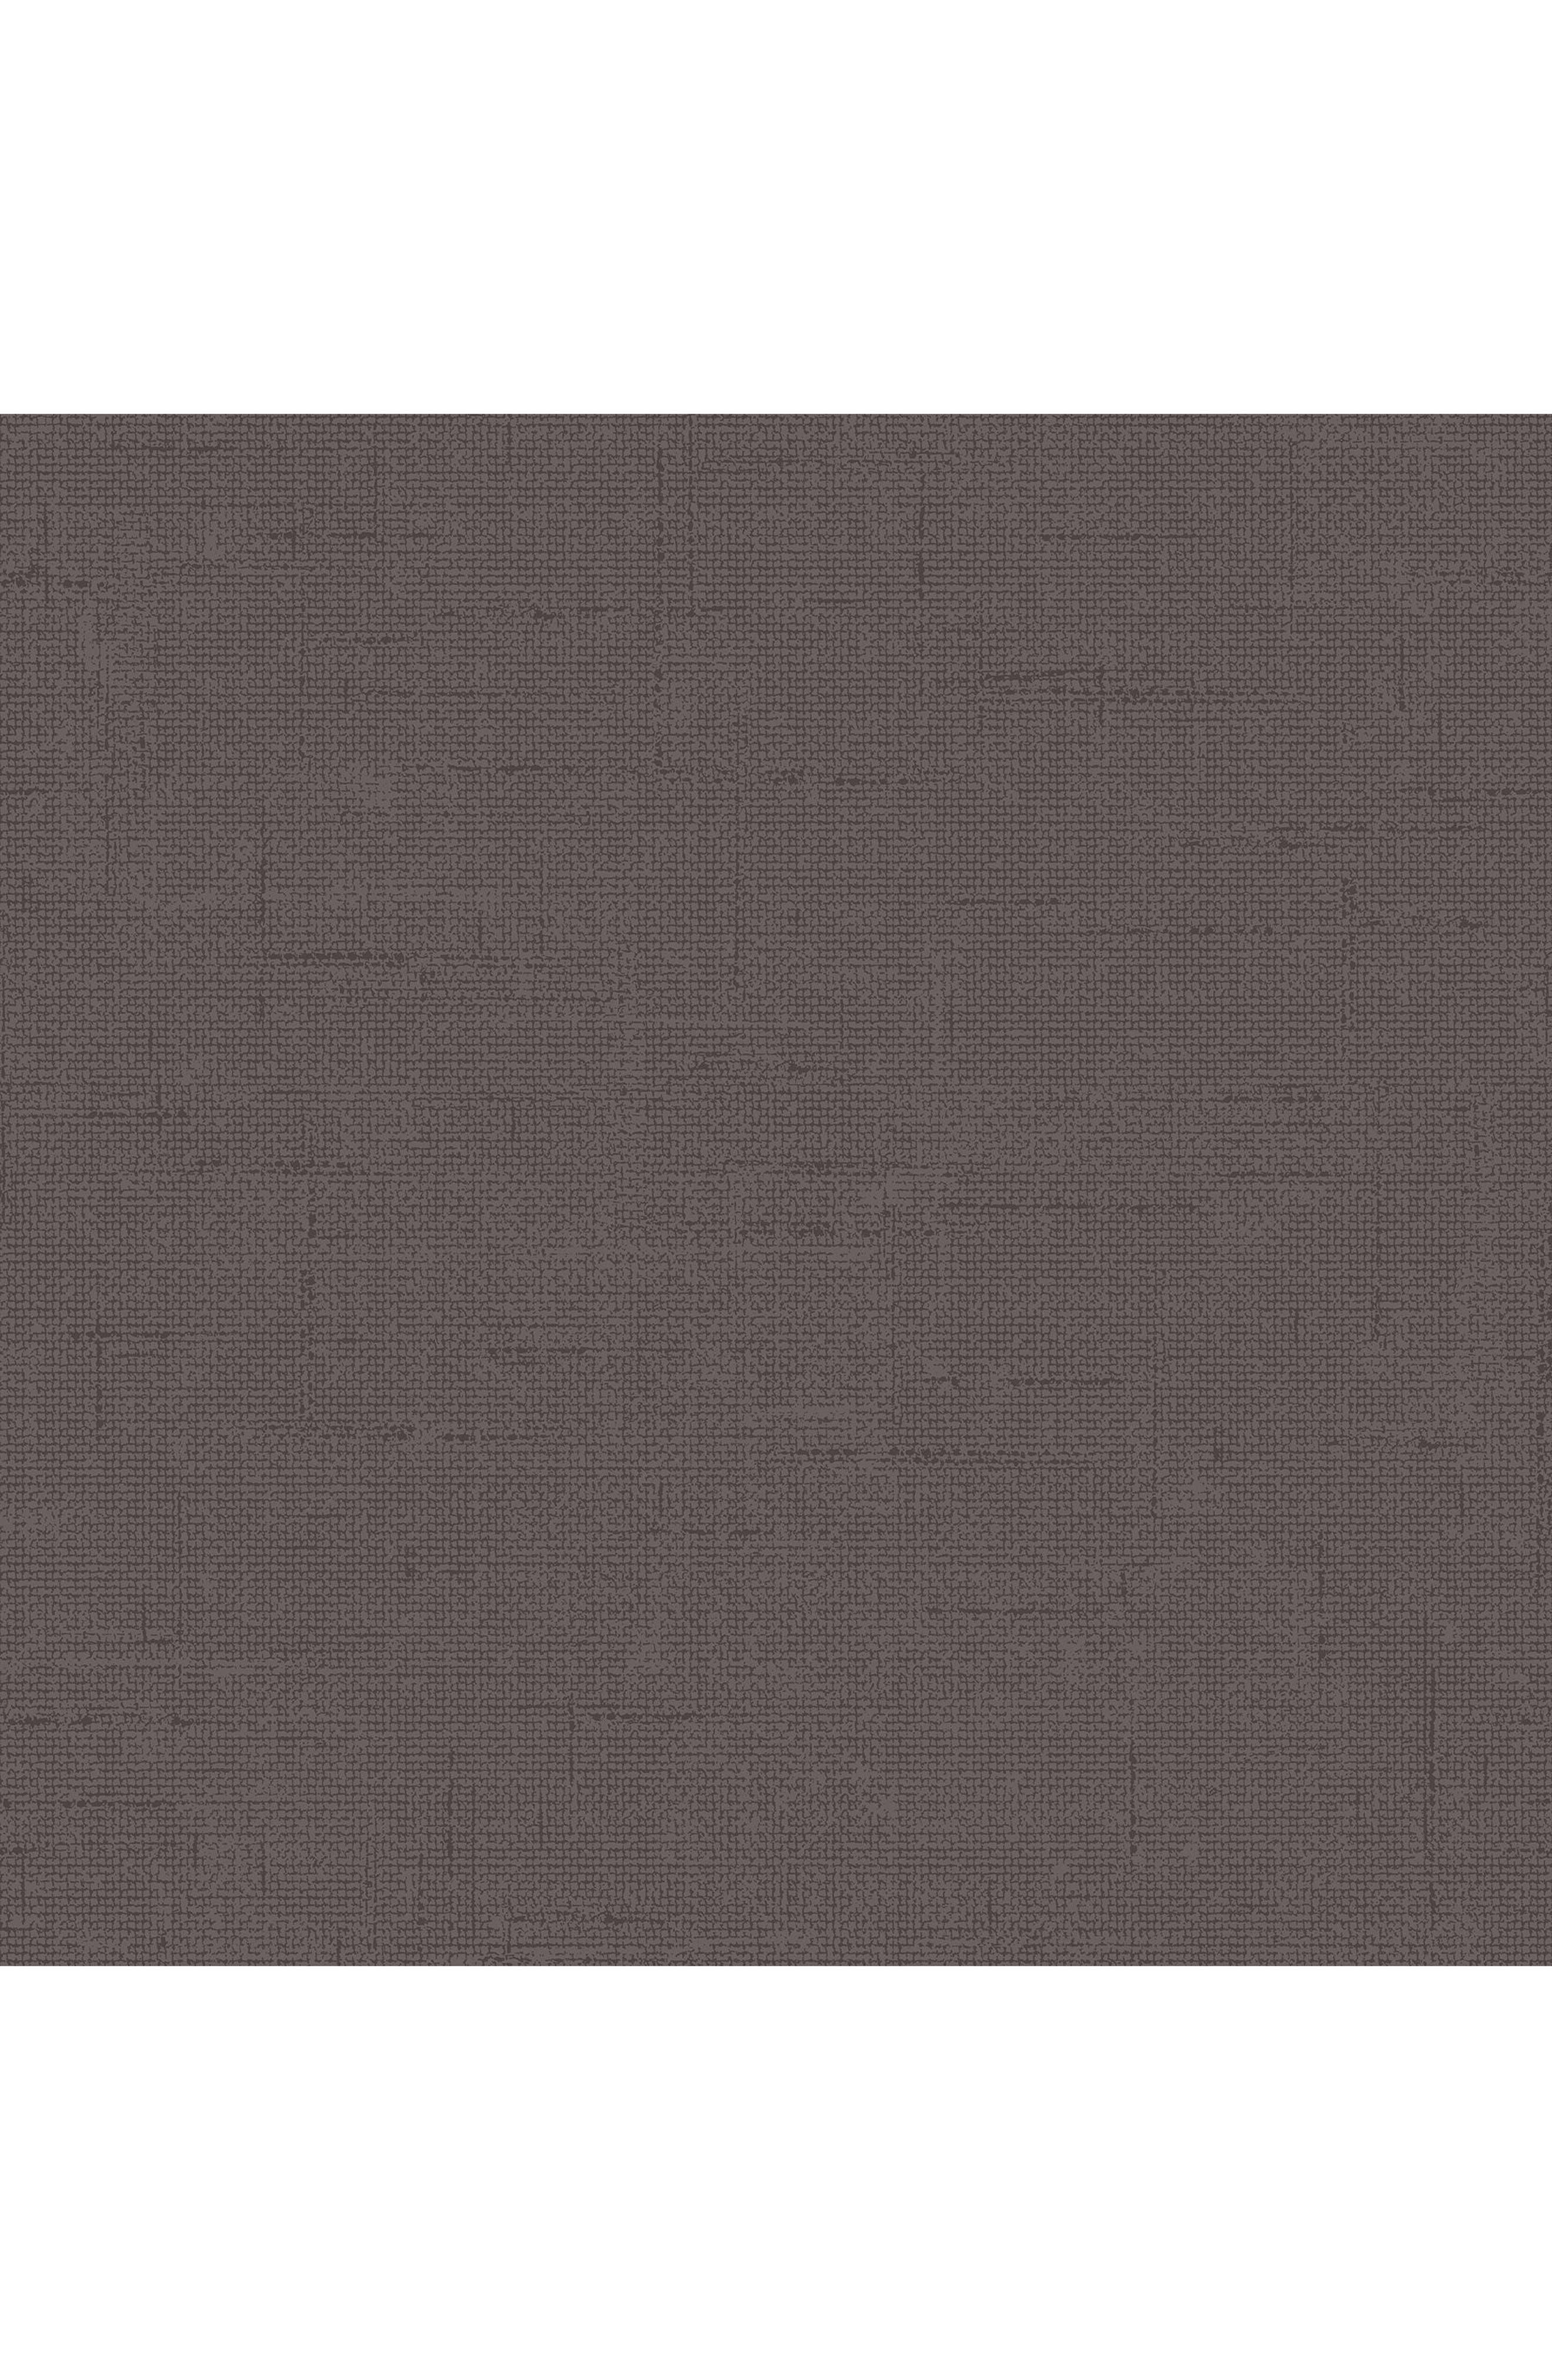 Tempaper Burlap Self-Adhesive Vinyl Wallpaper